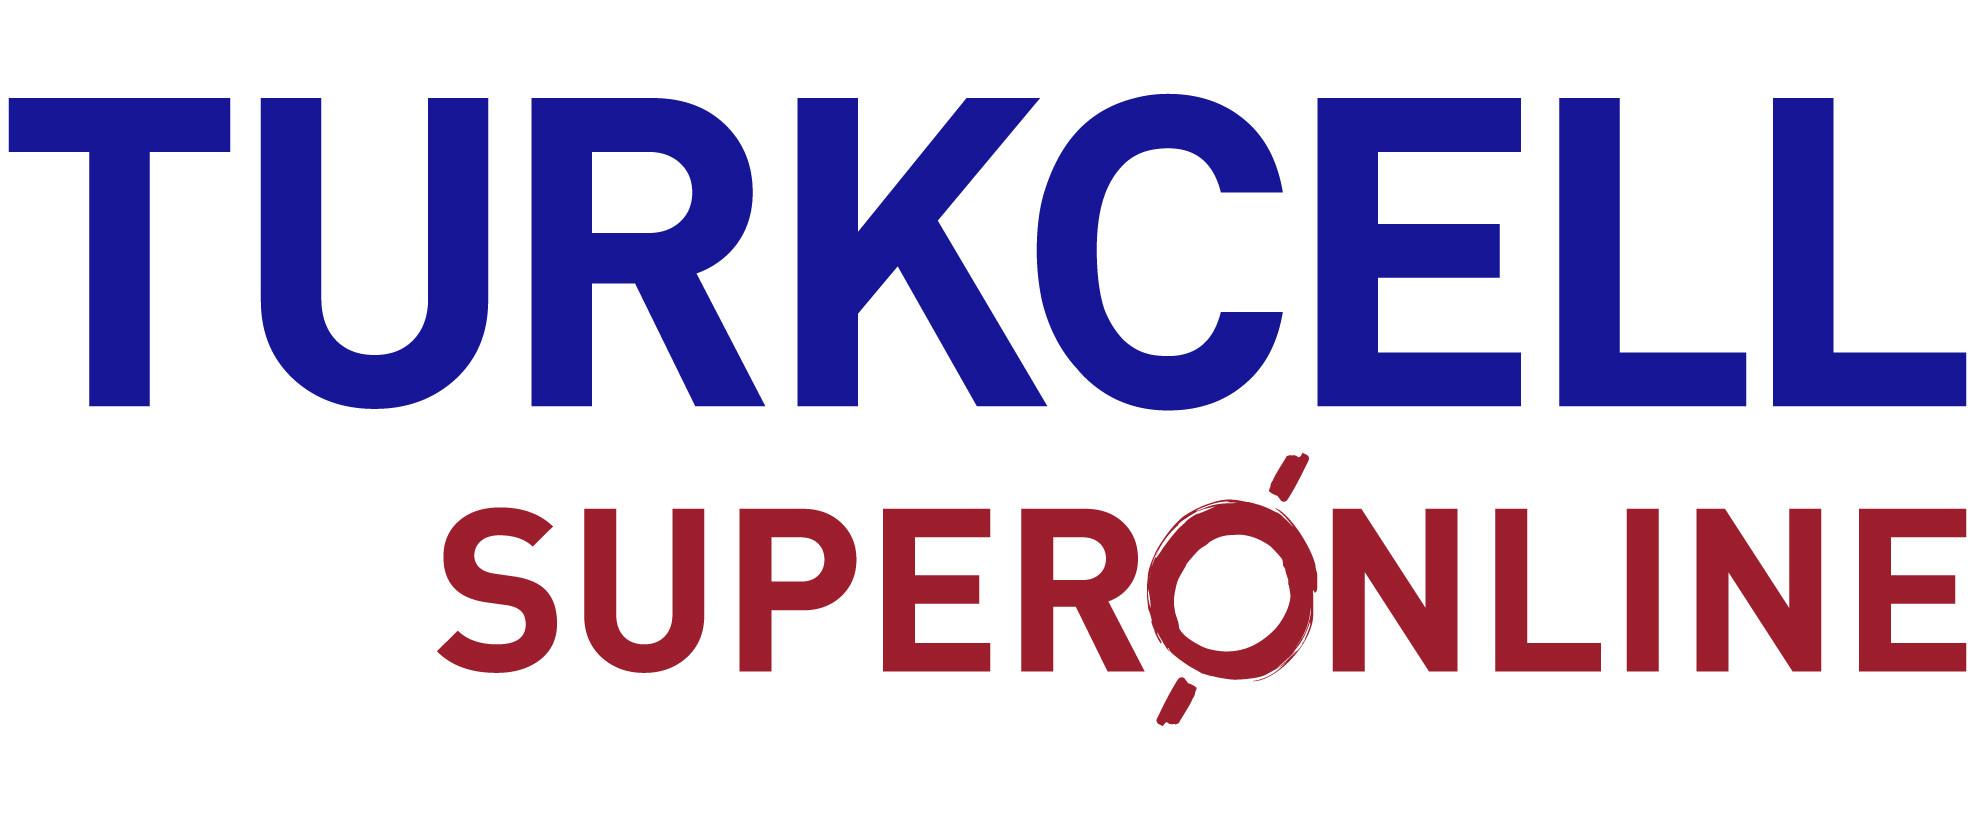 1342772022_turkcellsuperonline-logo.jpg